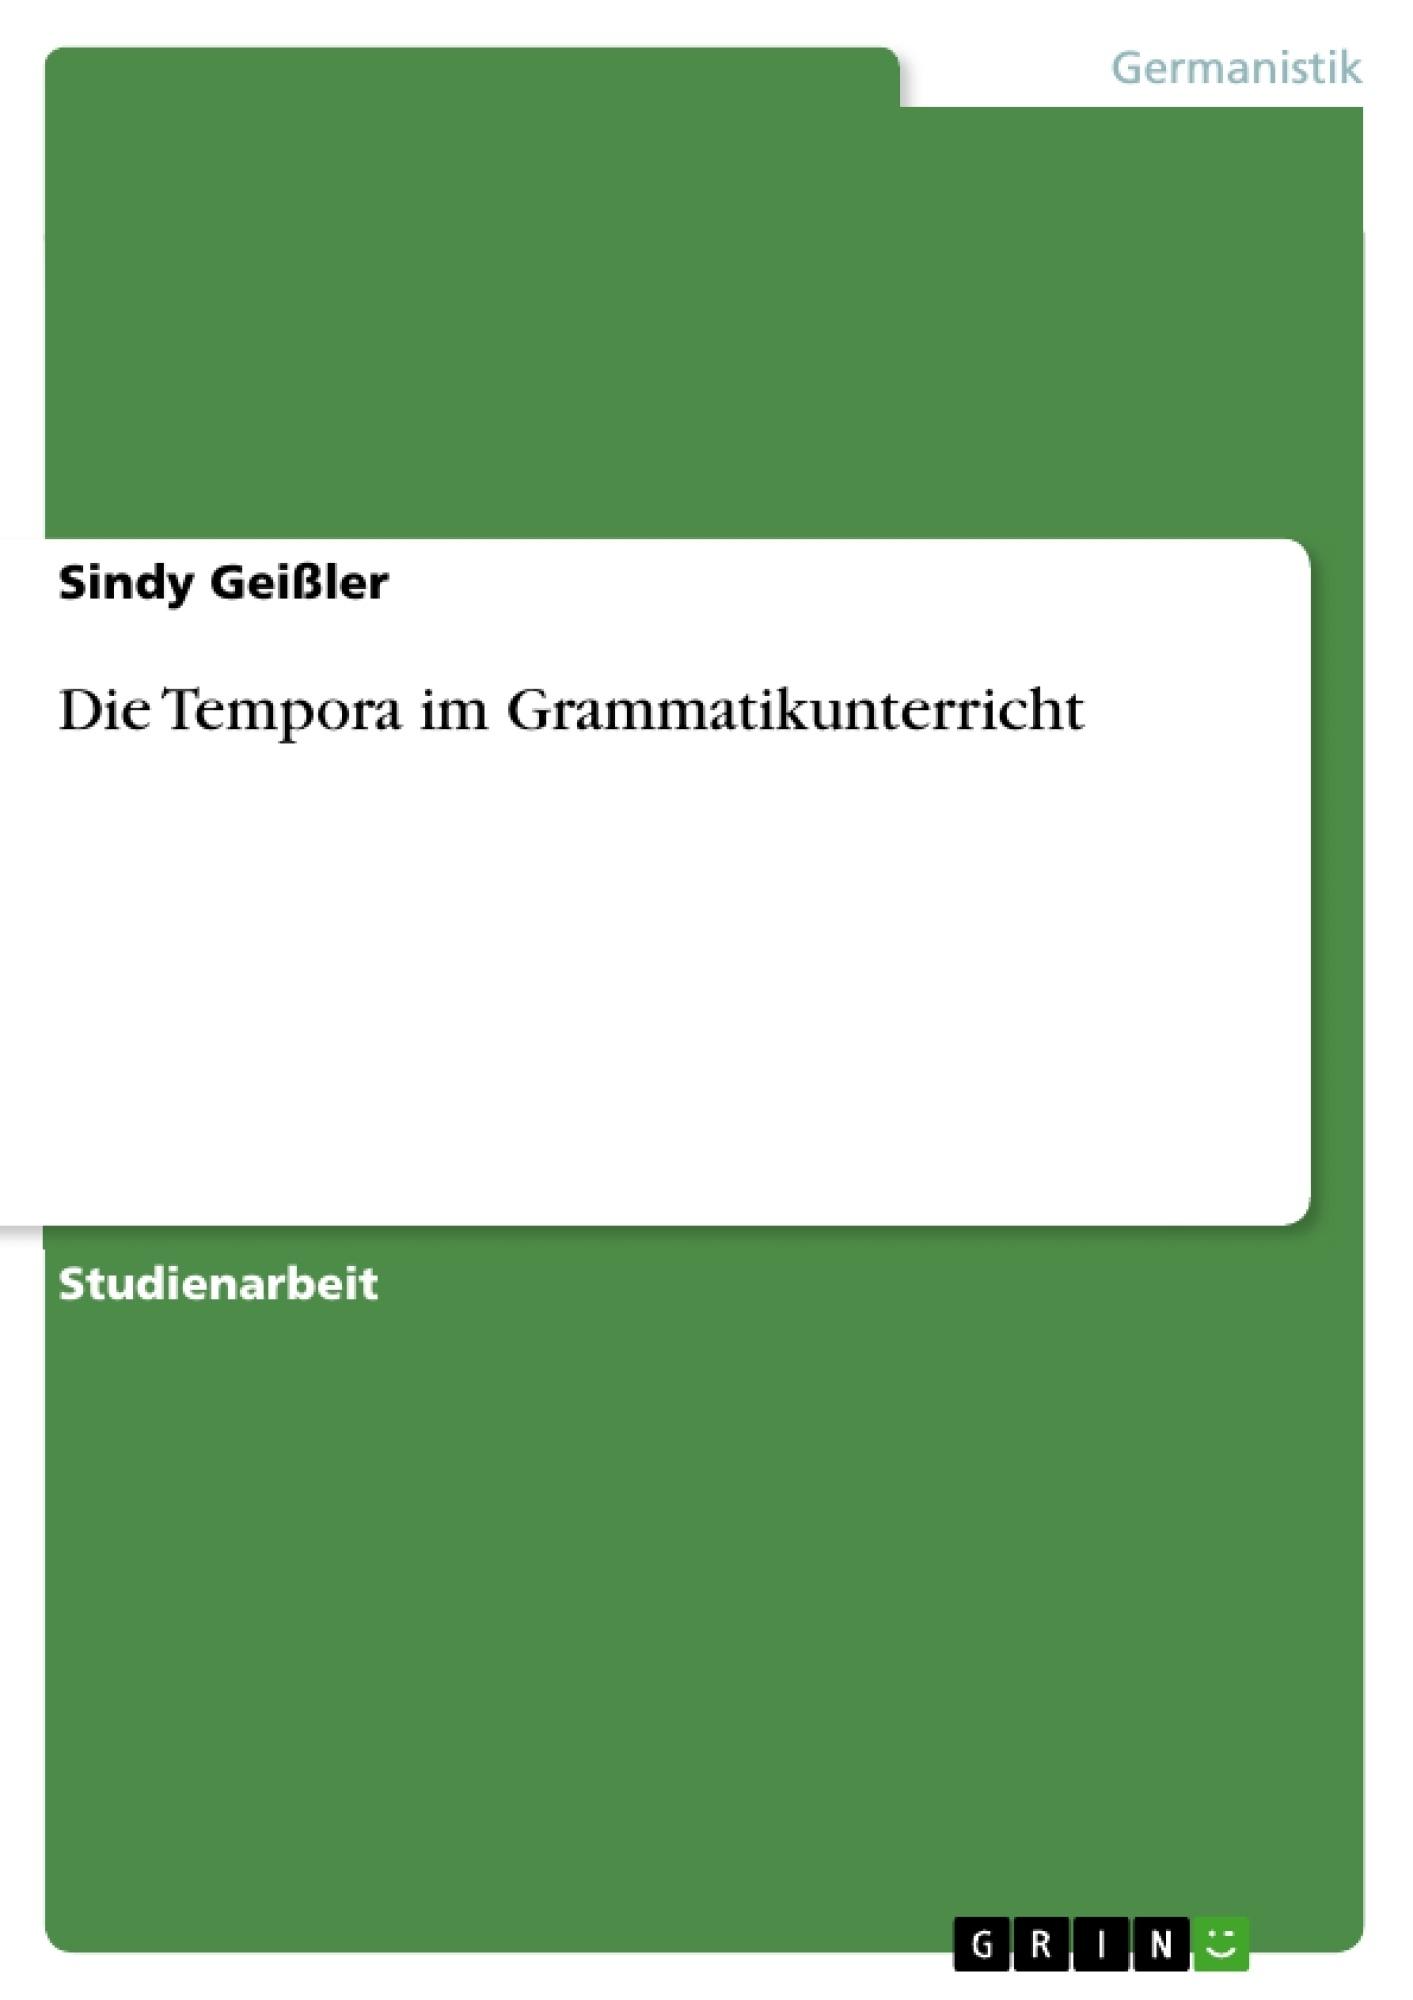 Titel: Die Tempora im Grammatikunterricht